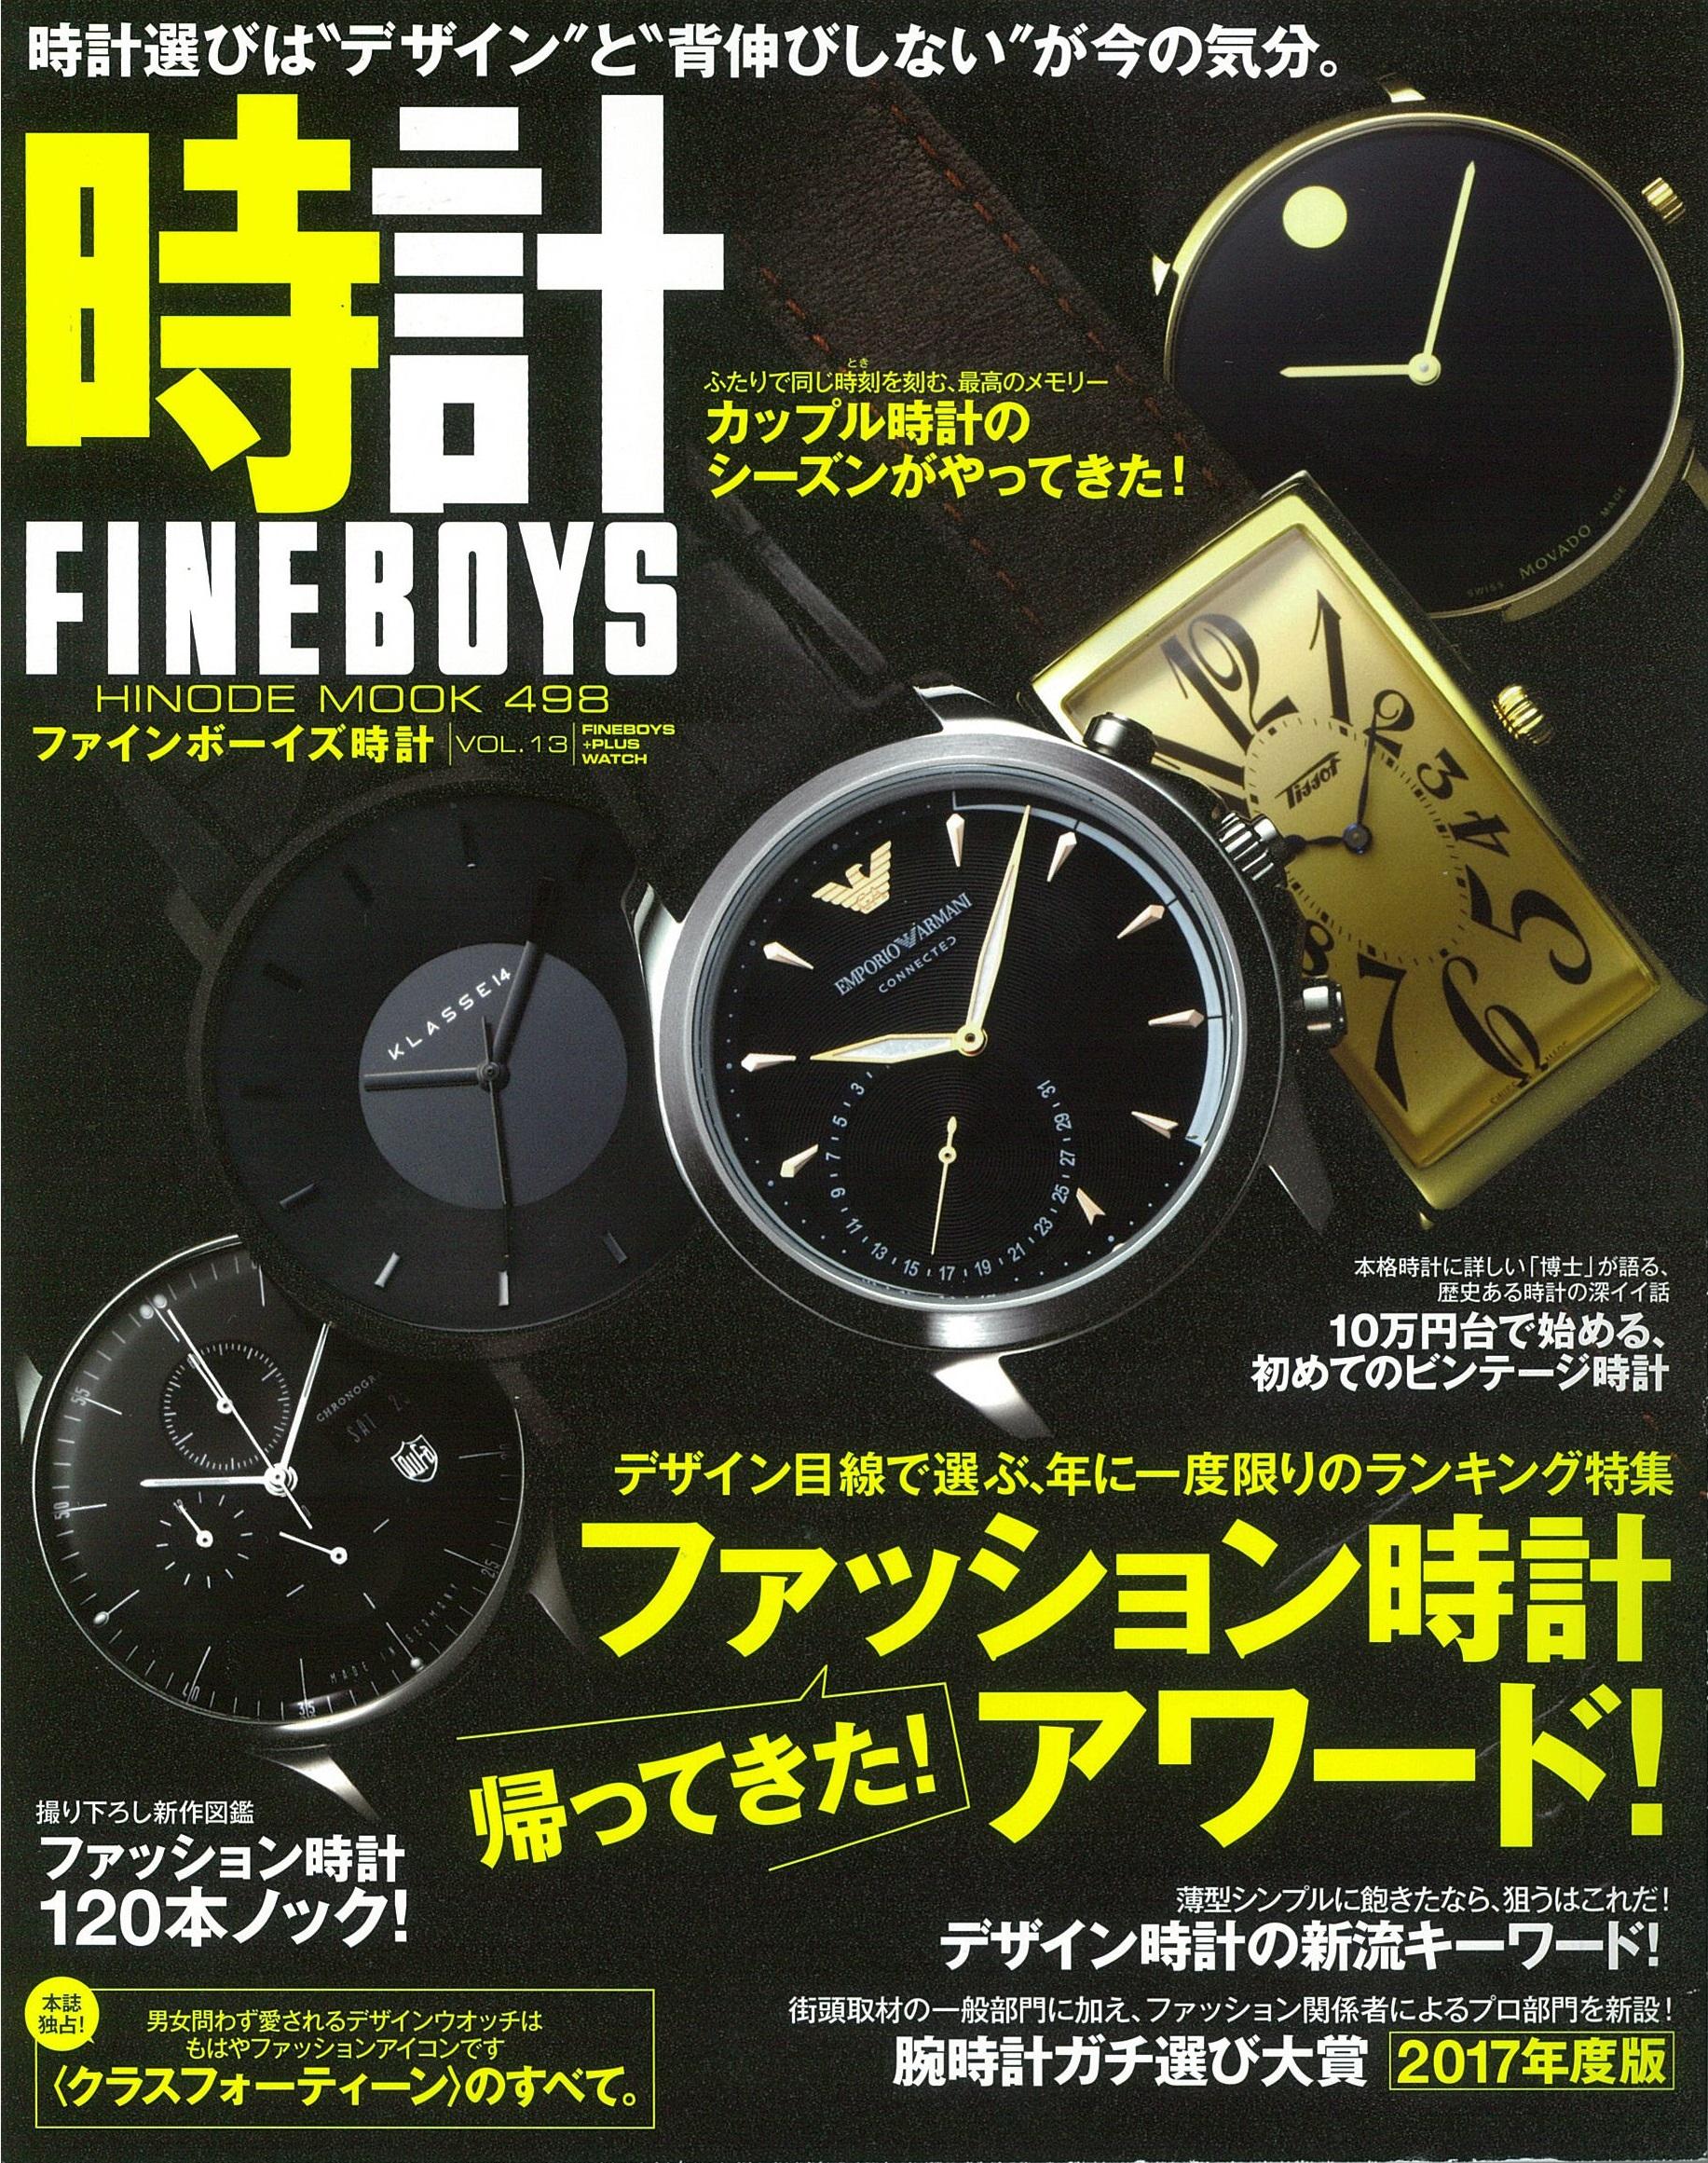 FINEBOYS時計 VOL.13 掲載